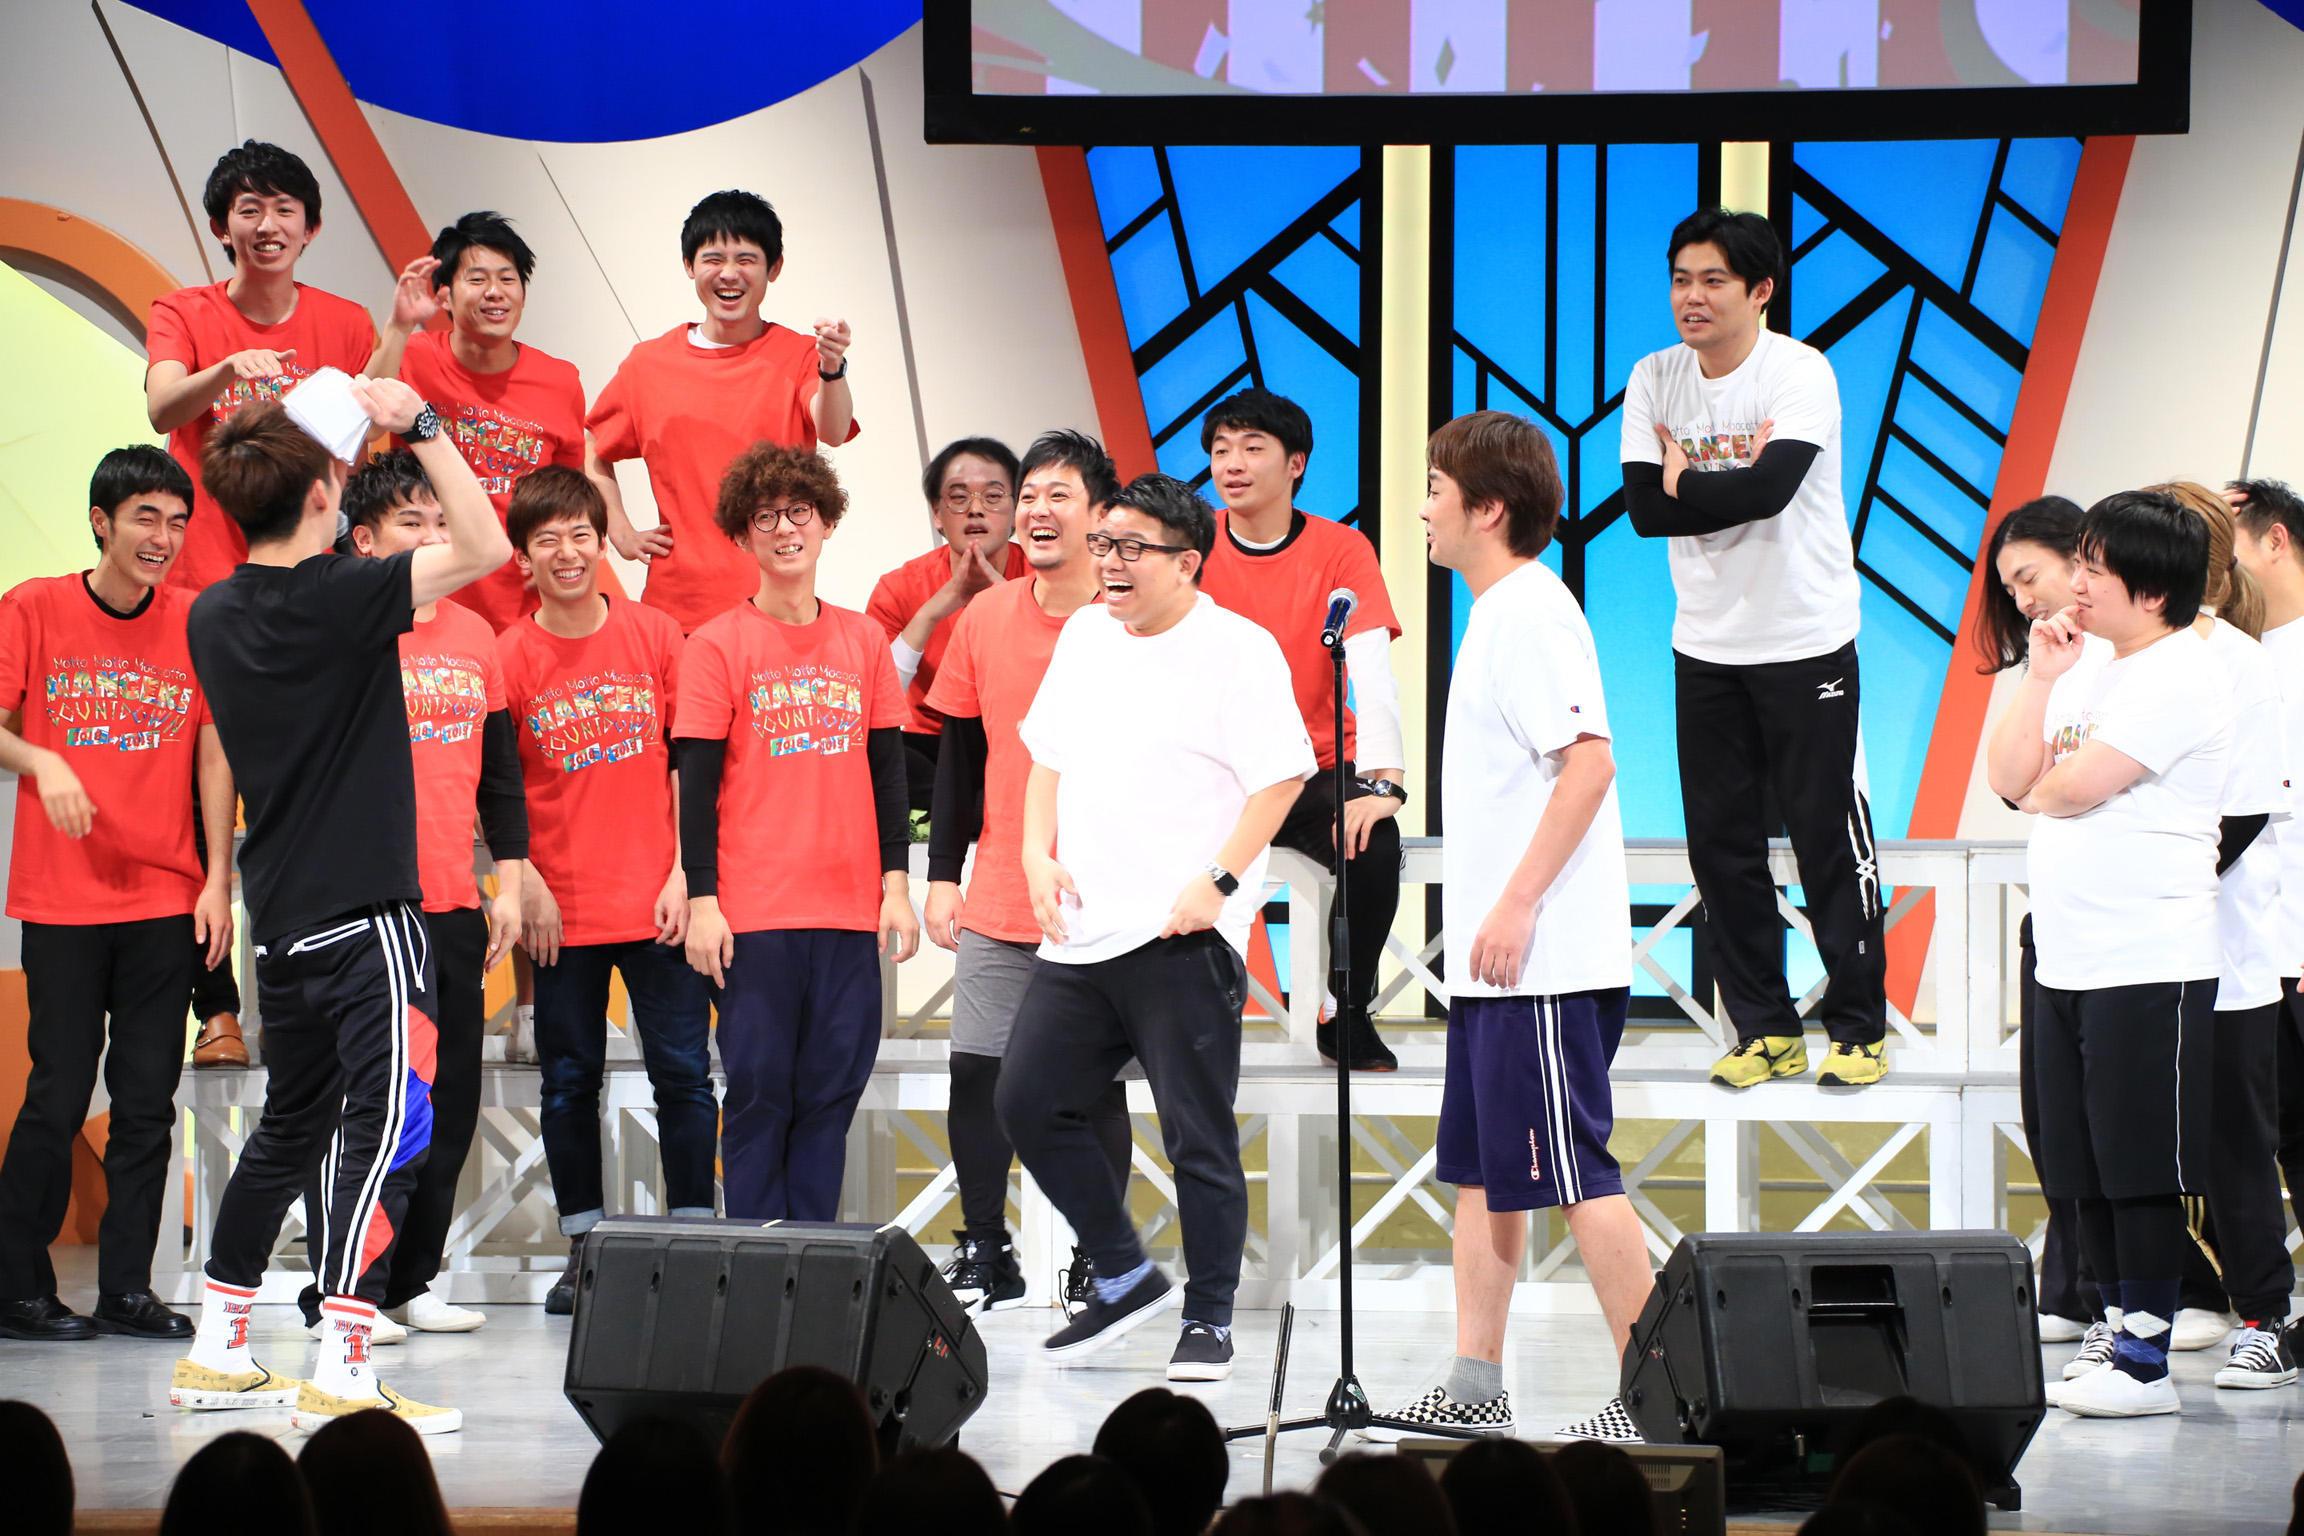 http://news.yoshimoto.co.jp/20190101110246-aed820ed45aa99101b7337b70b11ae0ad25bcb8f.jpg